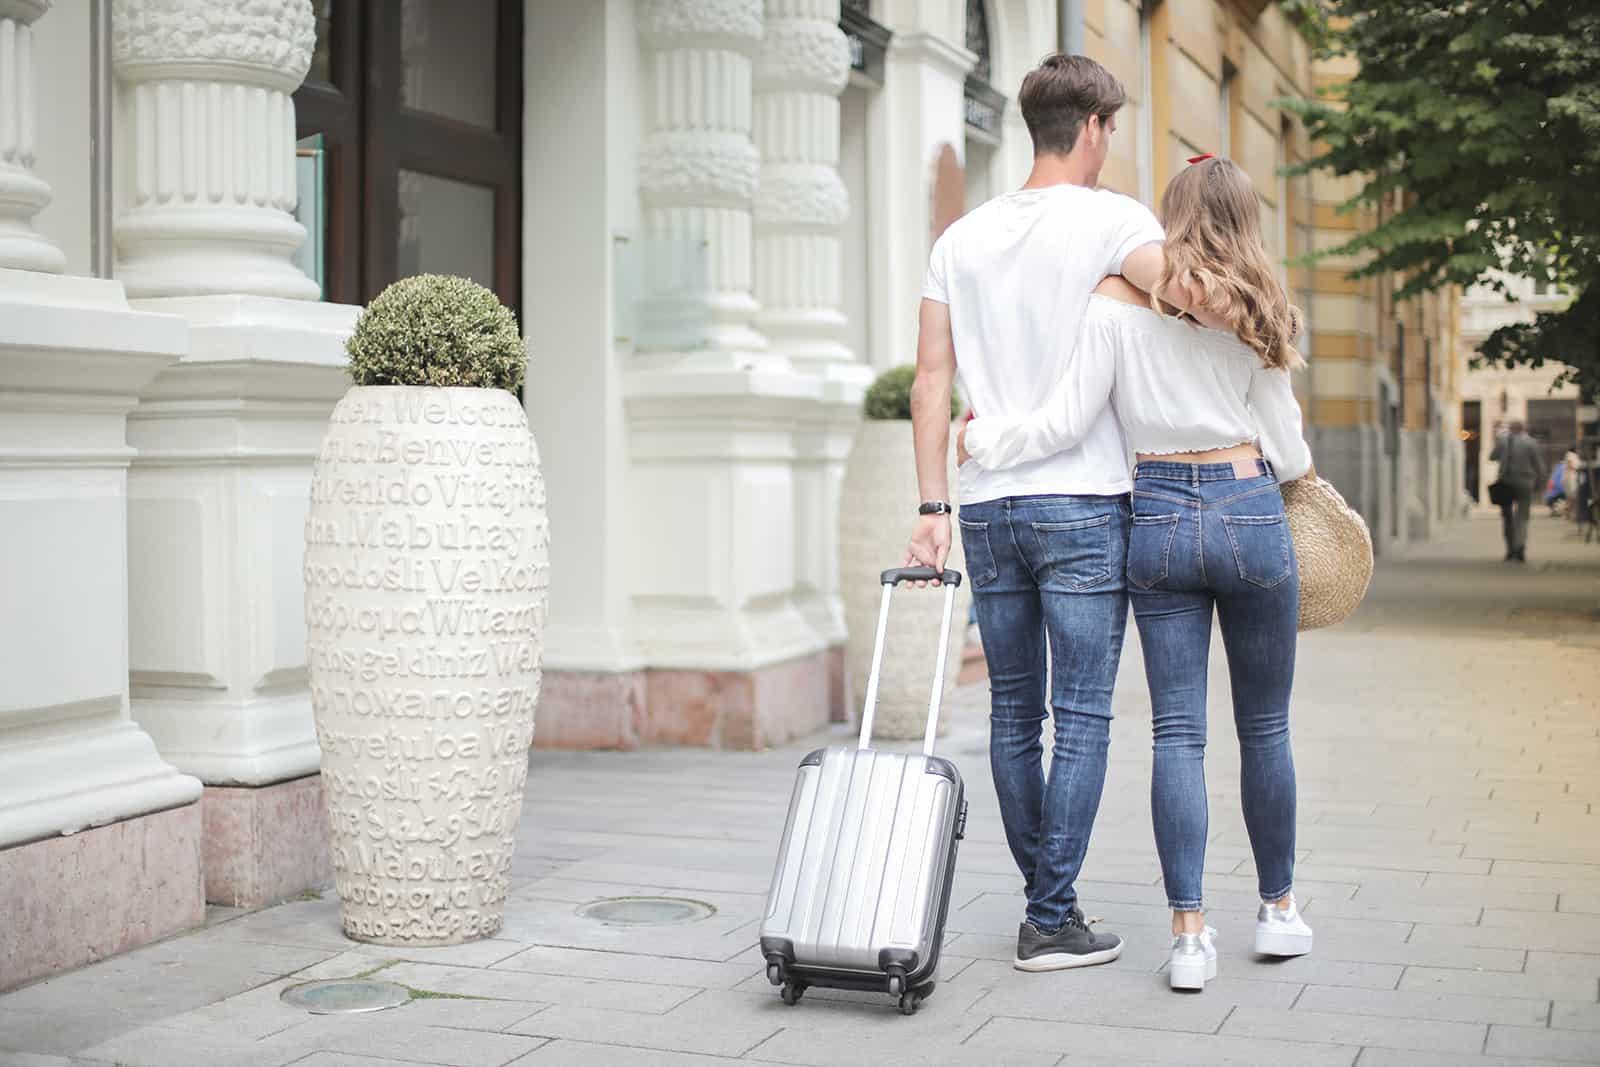 ein umarmtes Paar, das mit einem Koffer die Straße entlang geht